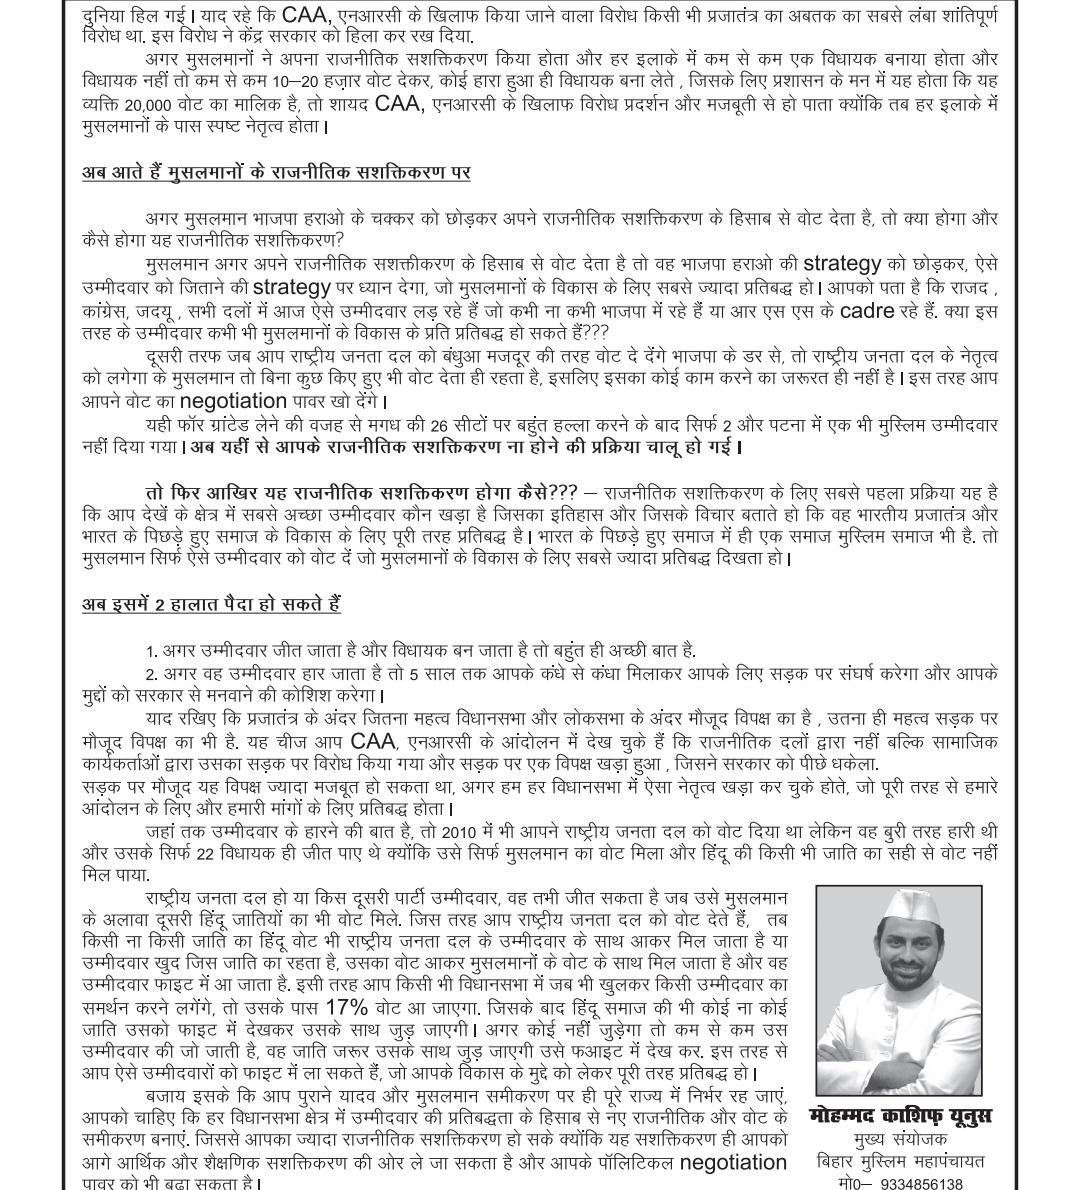 बिहार चुनाव: मुस्लिम महापंचायत ने कहा, मुसलमान अपने विकास के मुद्दों पर वोट करें 2